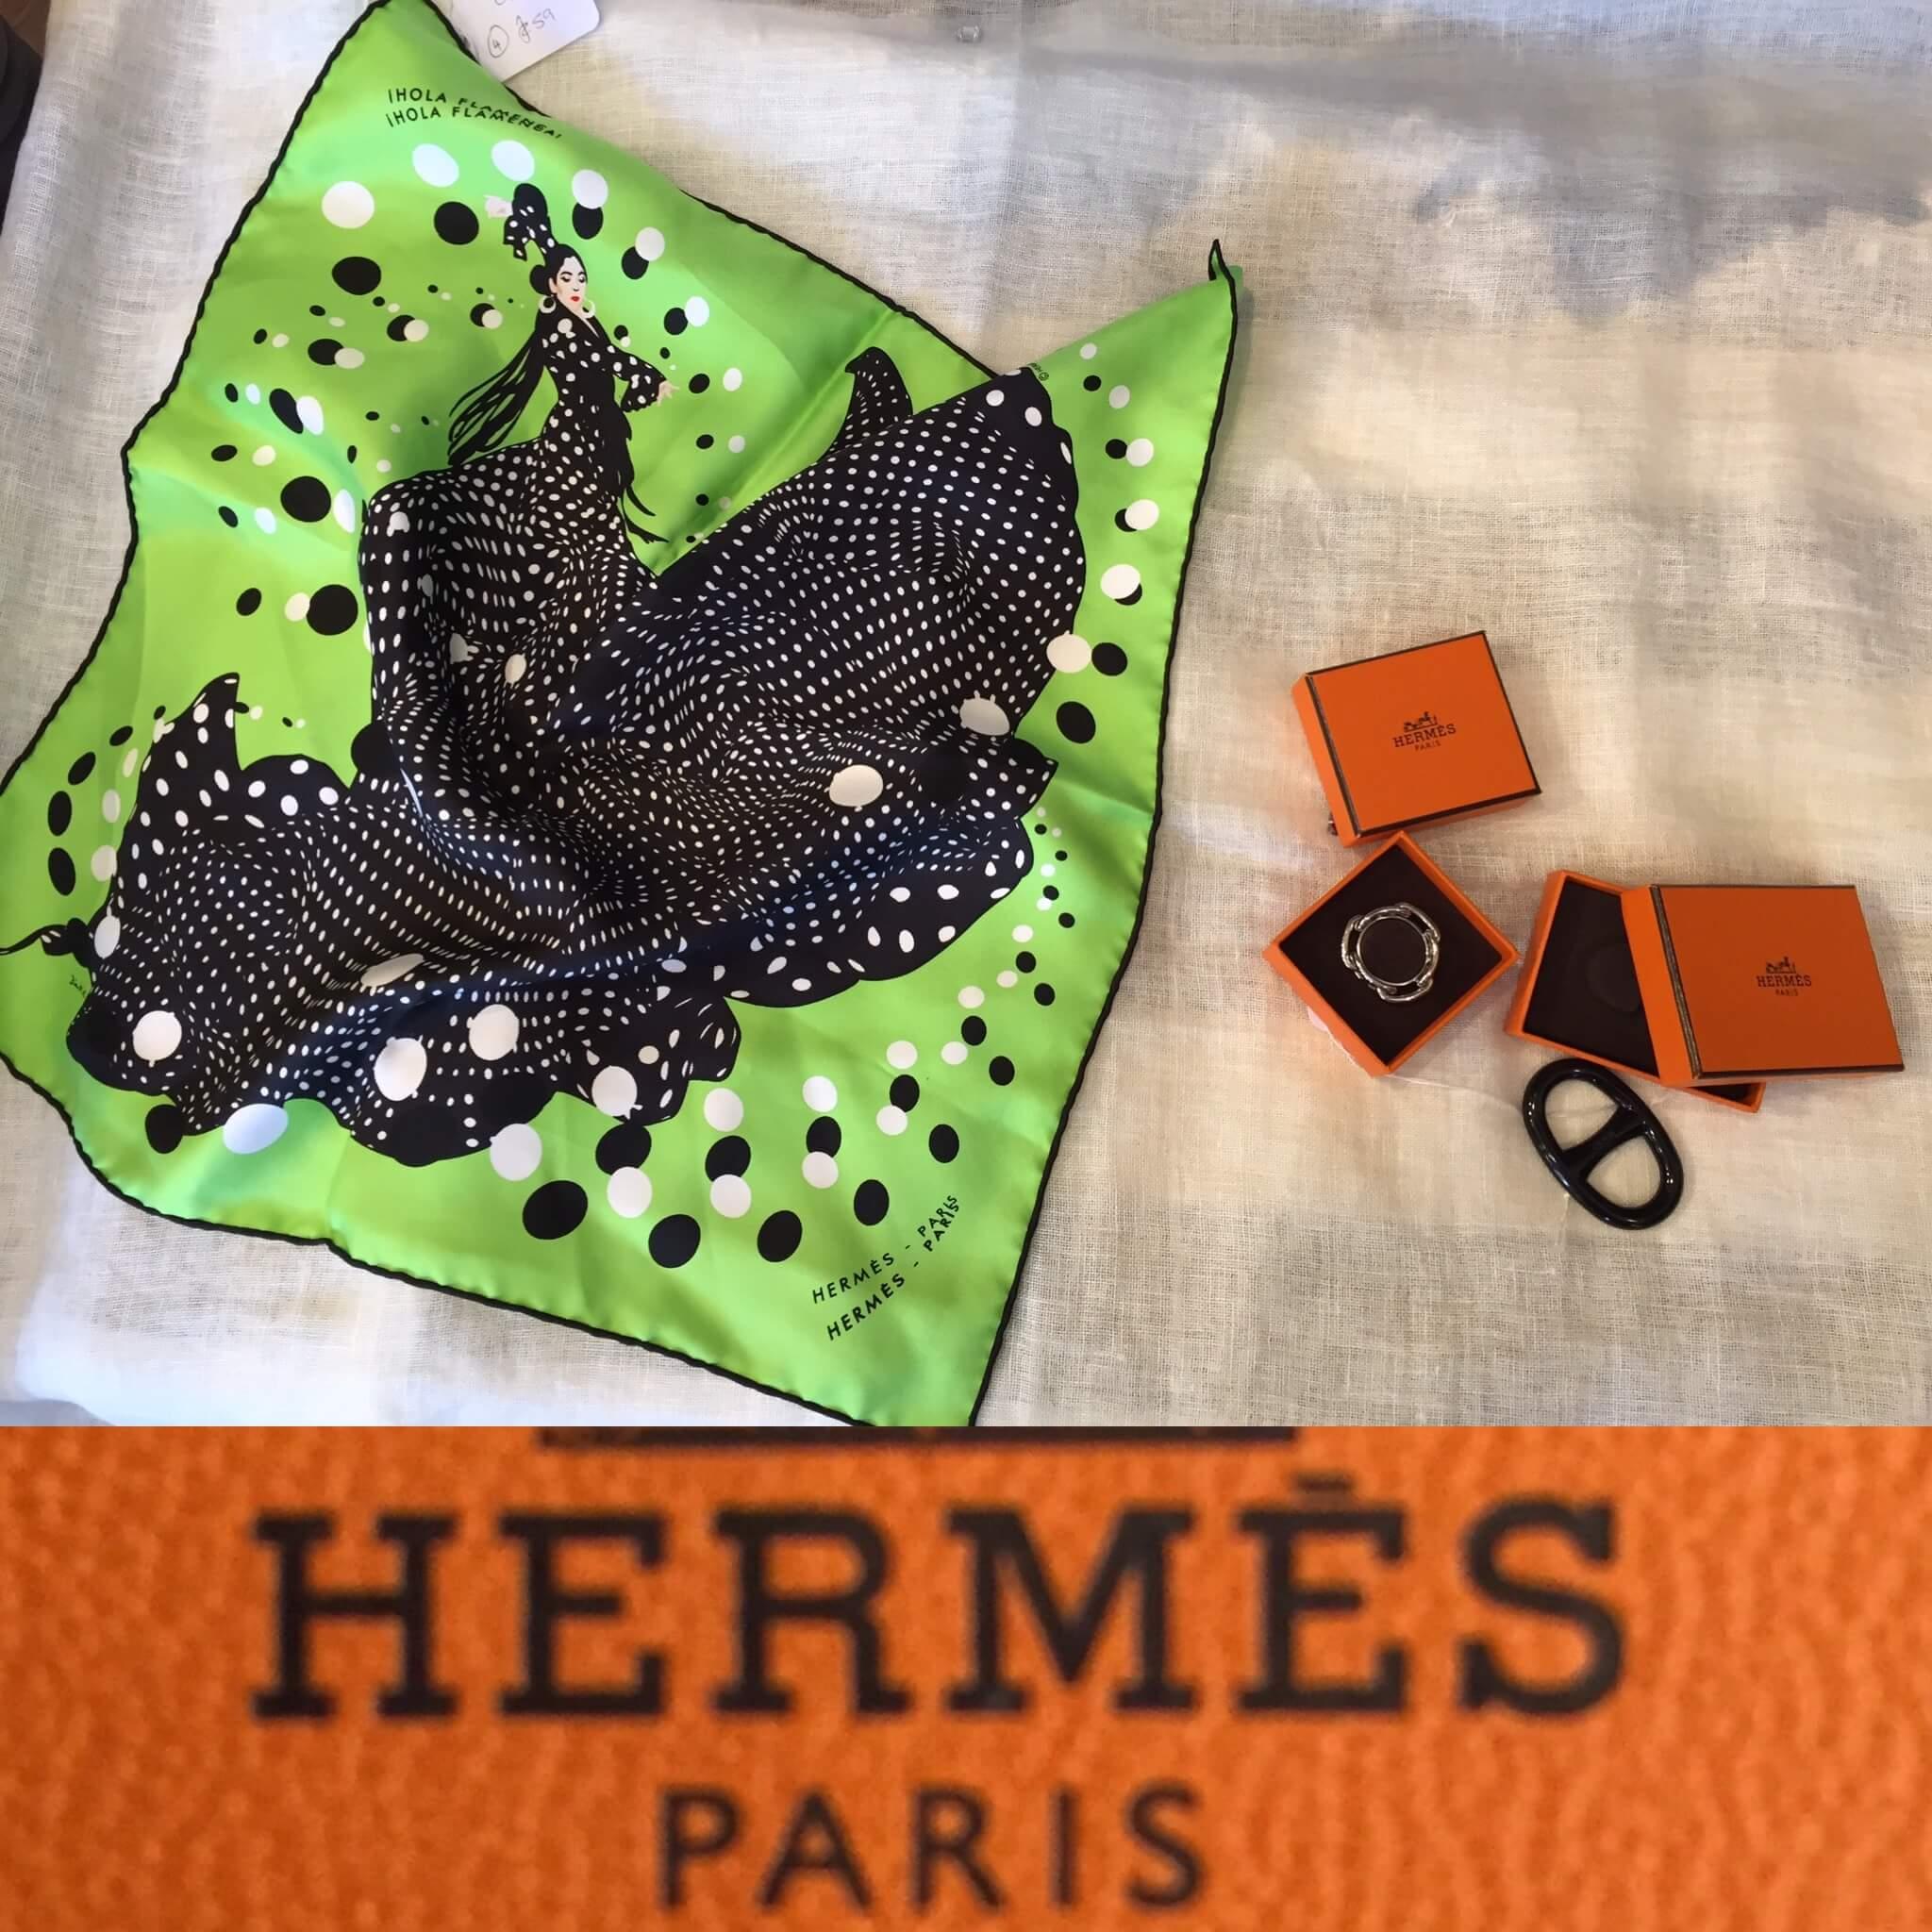 Hermes scarf and scarf rings £59 (1).jpg